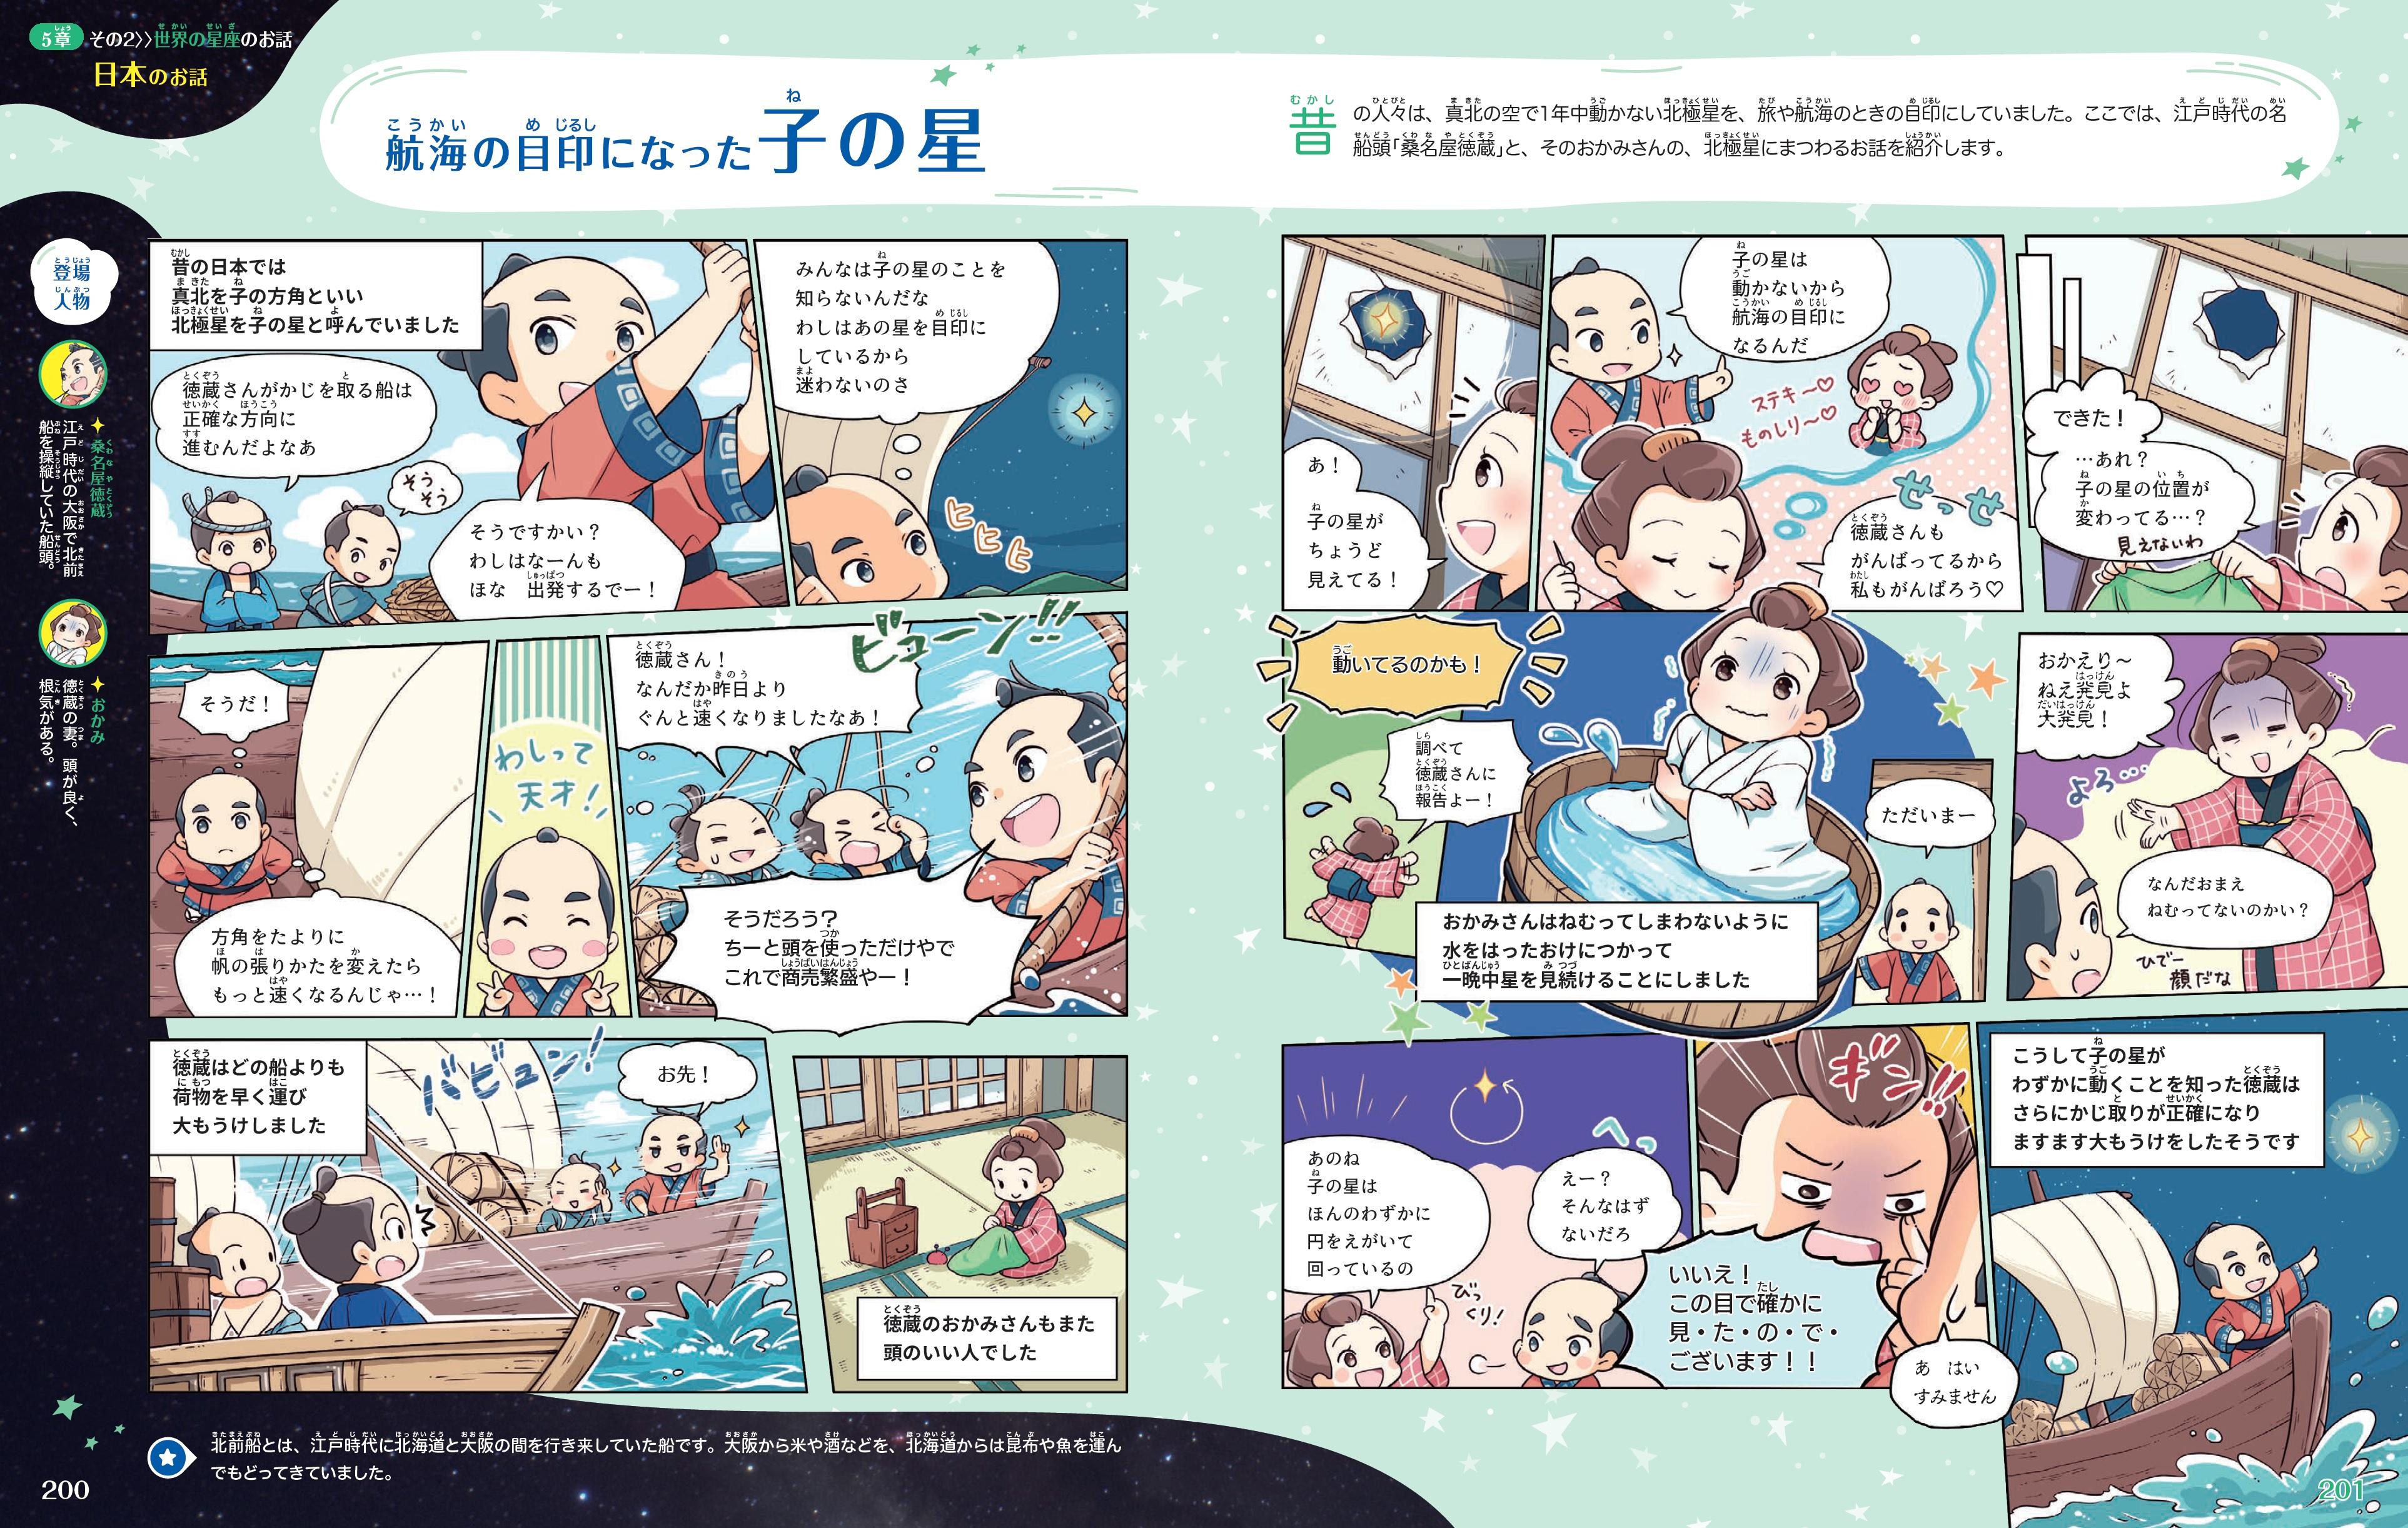 「日本につたわる星の話」本誌紙面